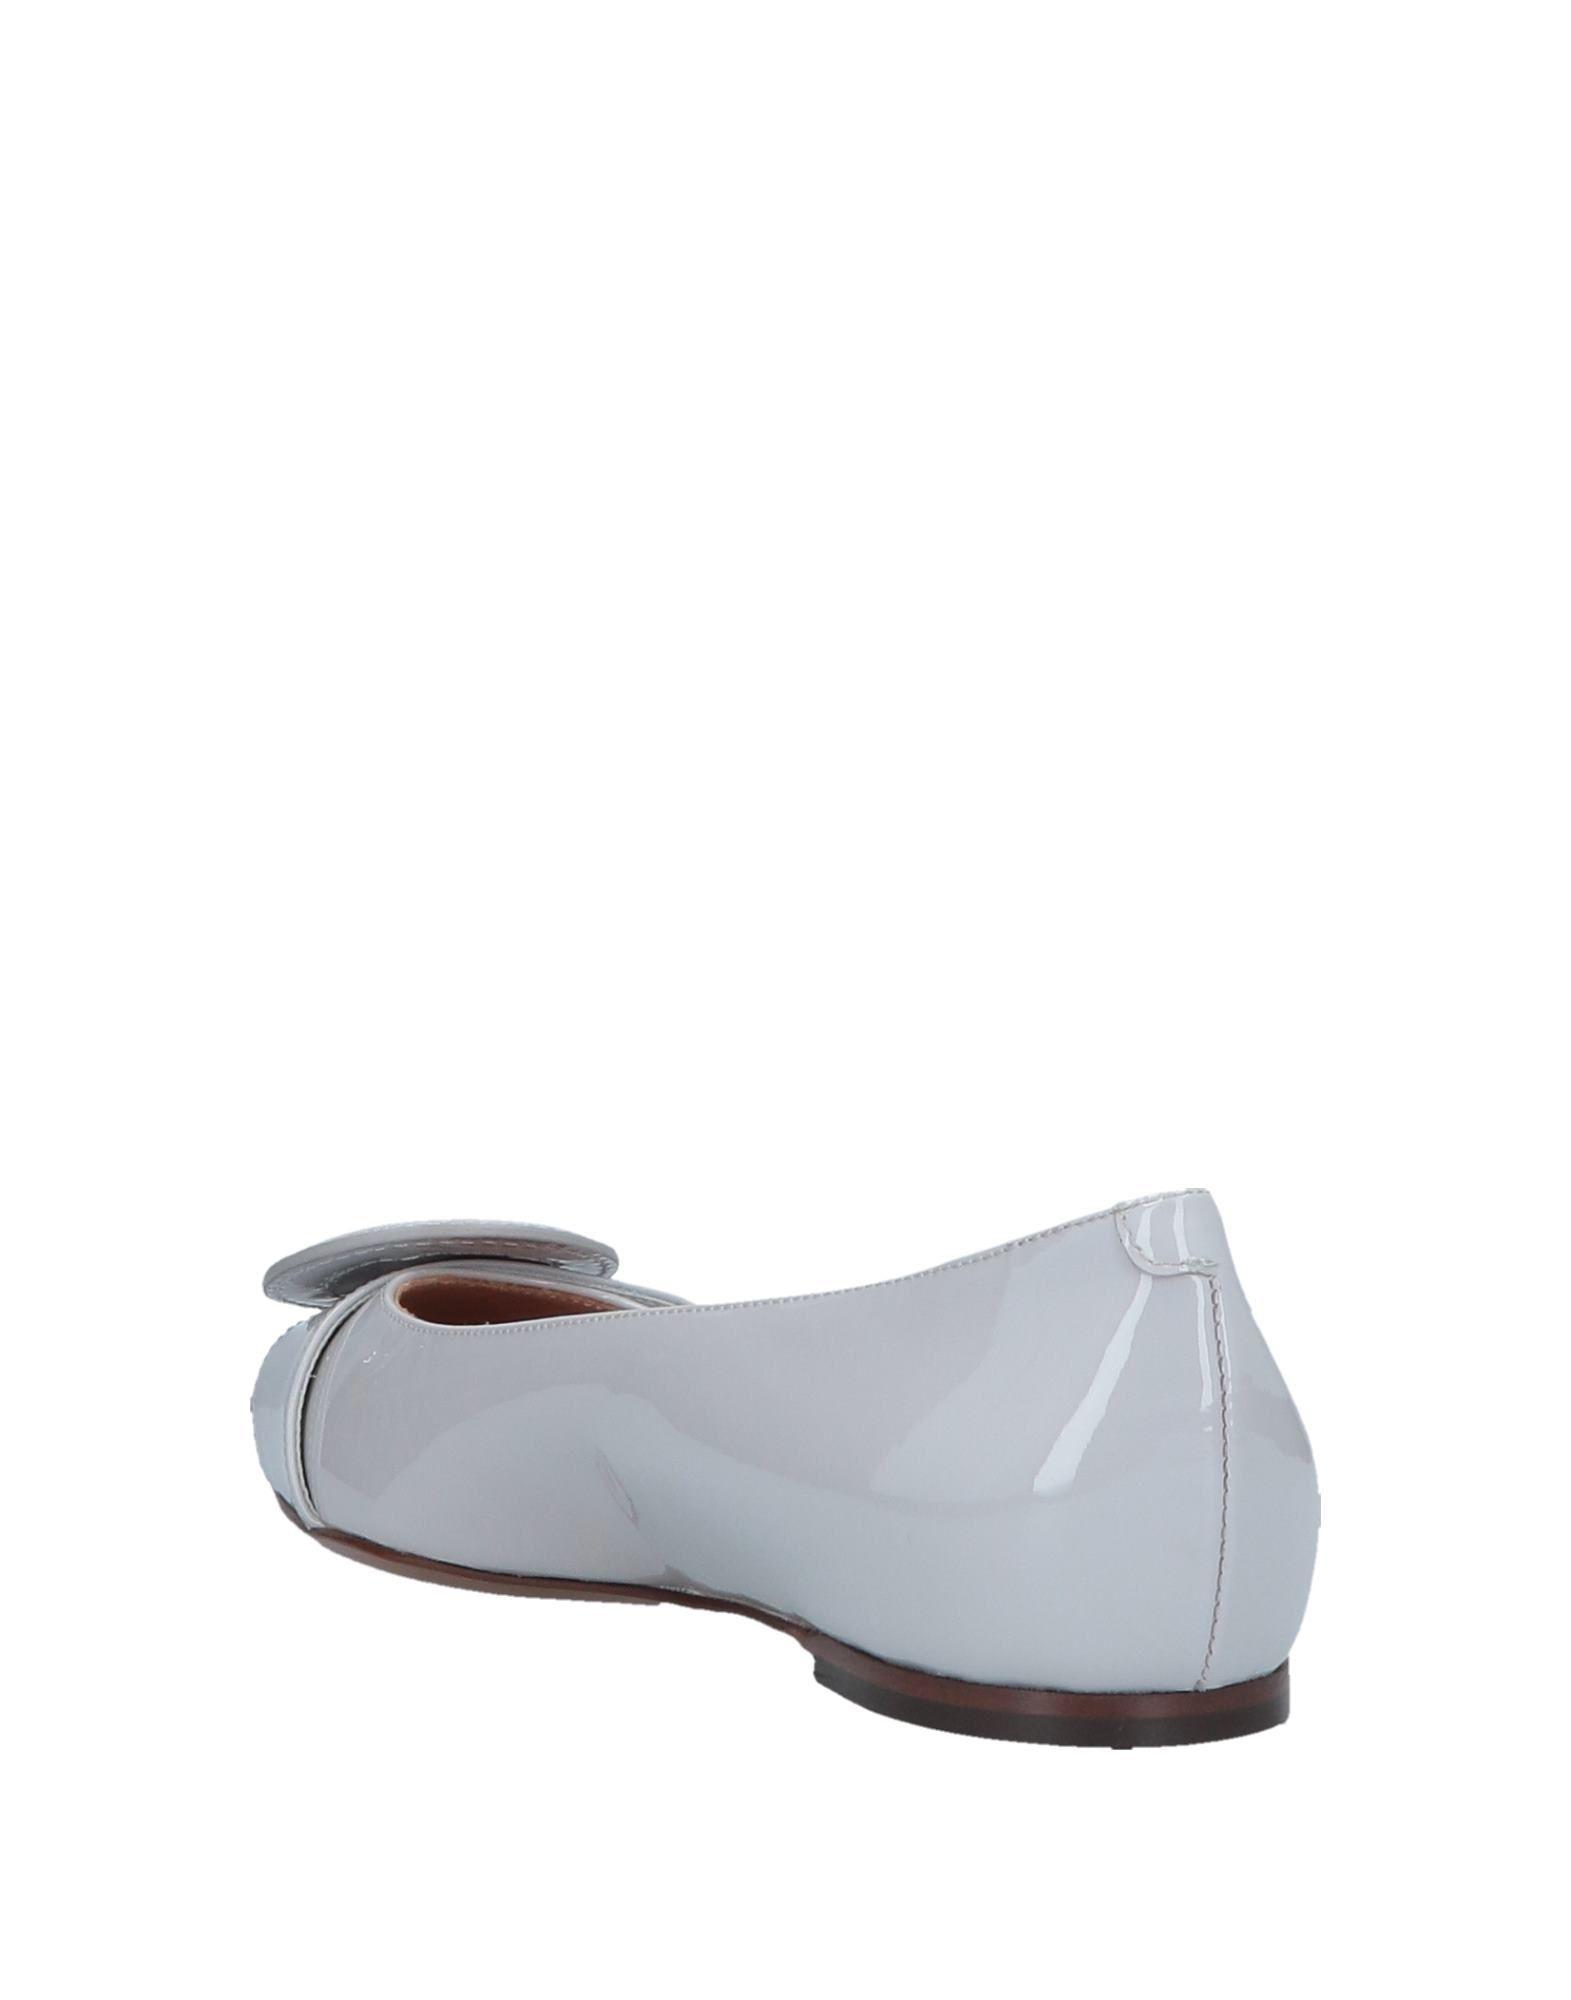 e671e52f4d3 Lyst - L Autre Chose Ballet Flats in Gray